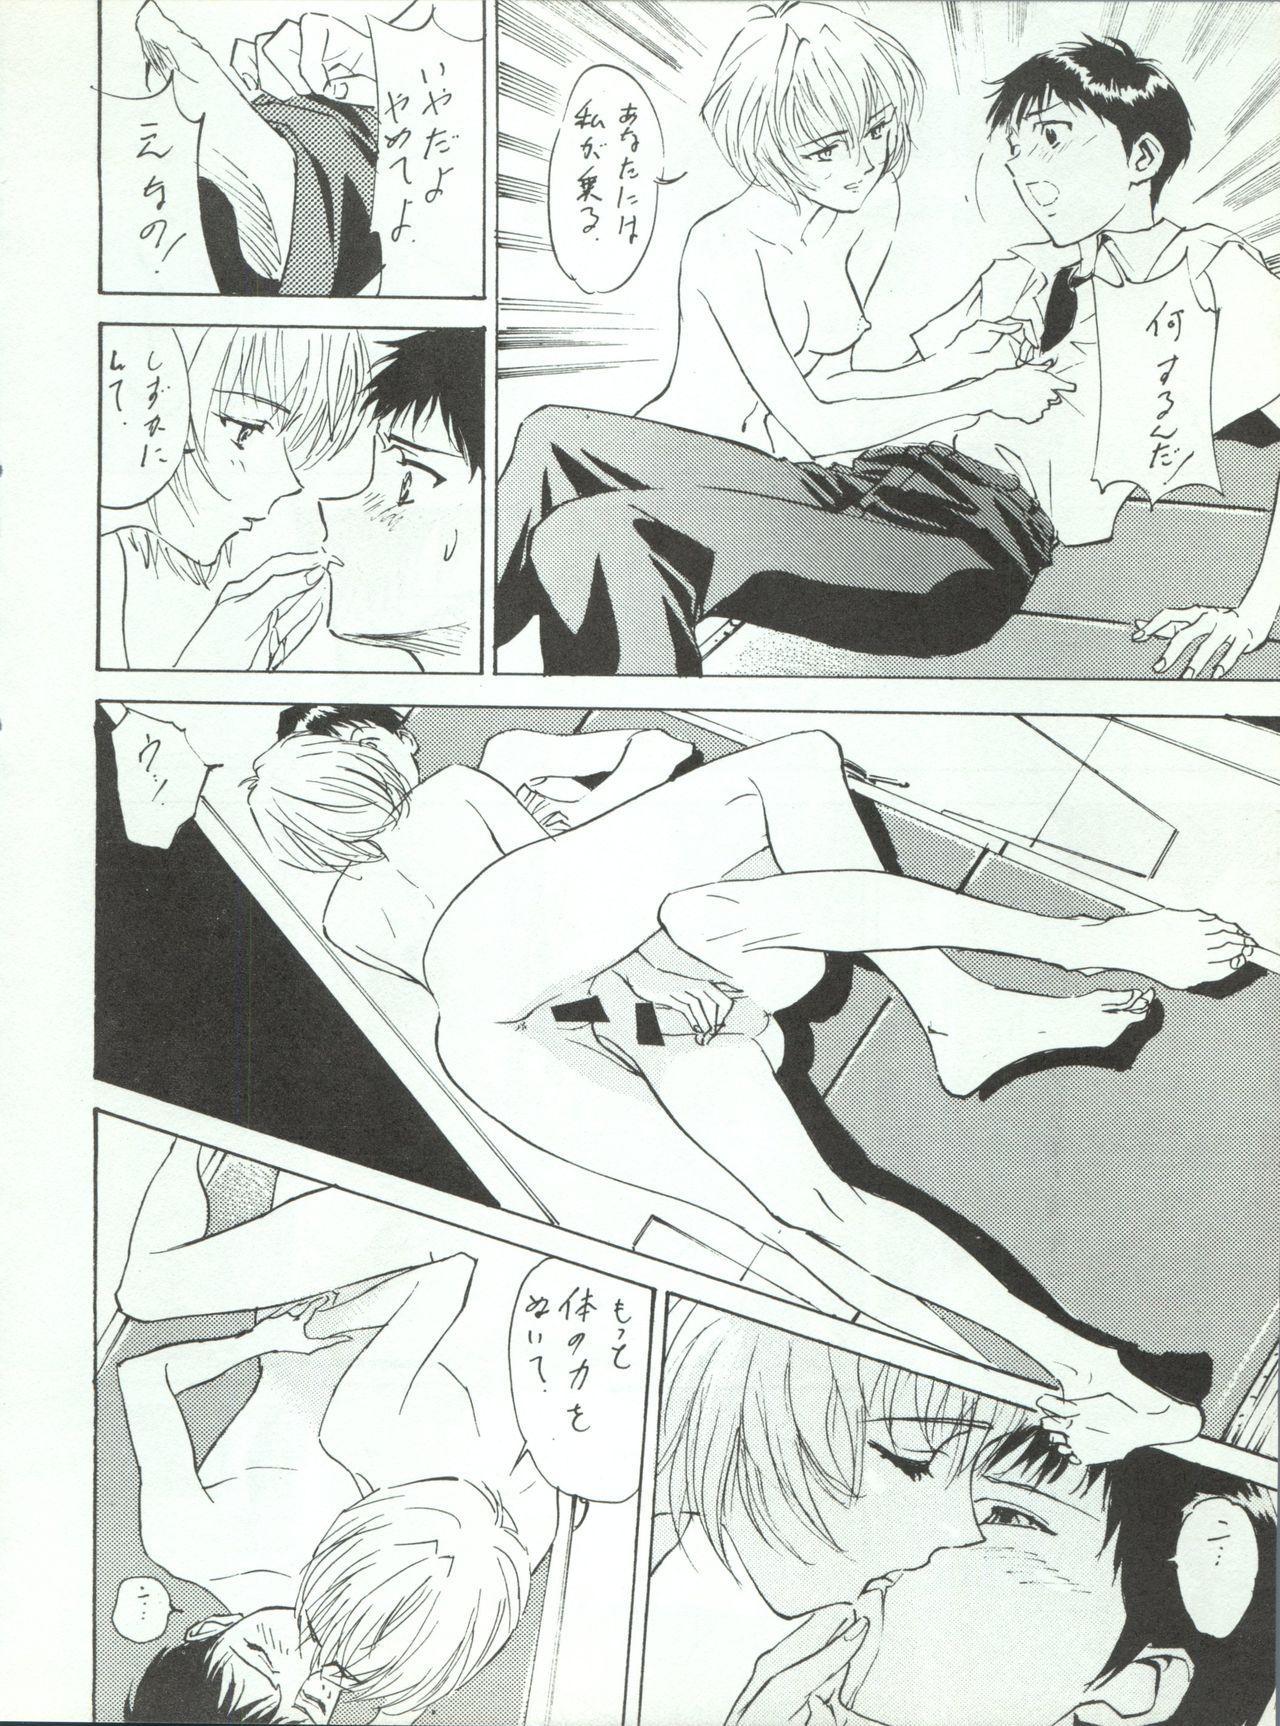 Wanpaku Anime 5 Daibakugeki 18